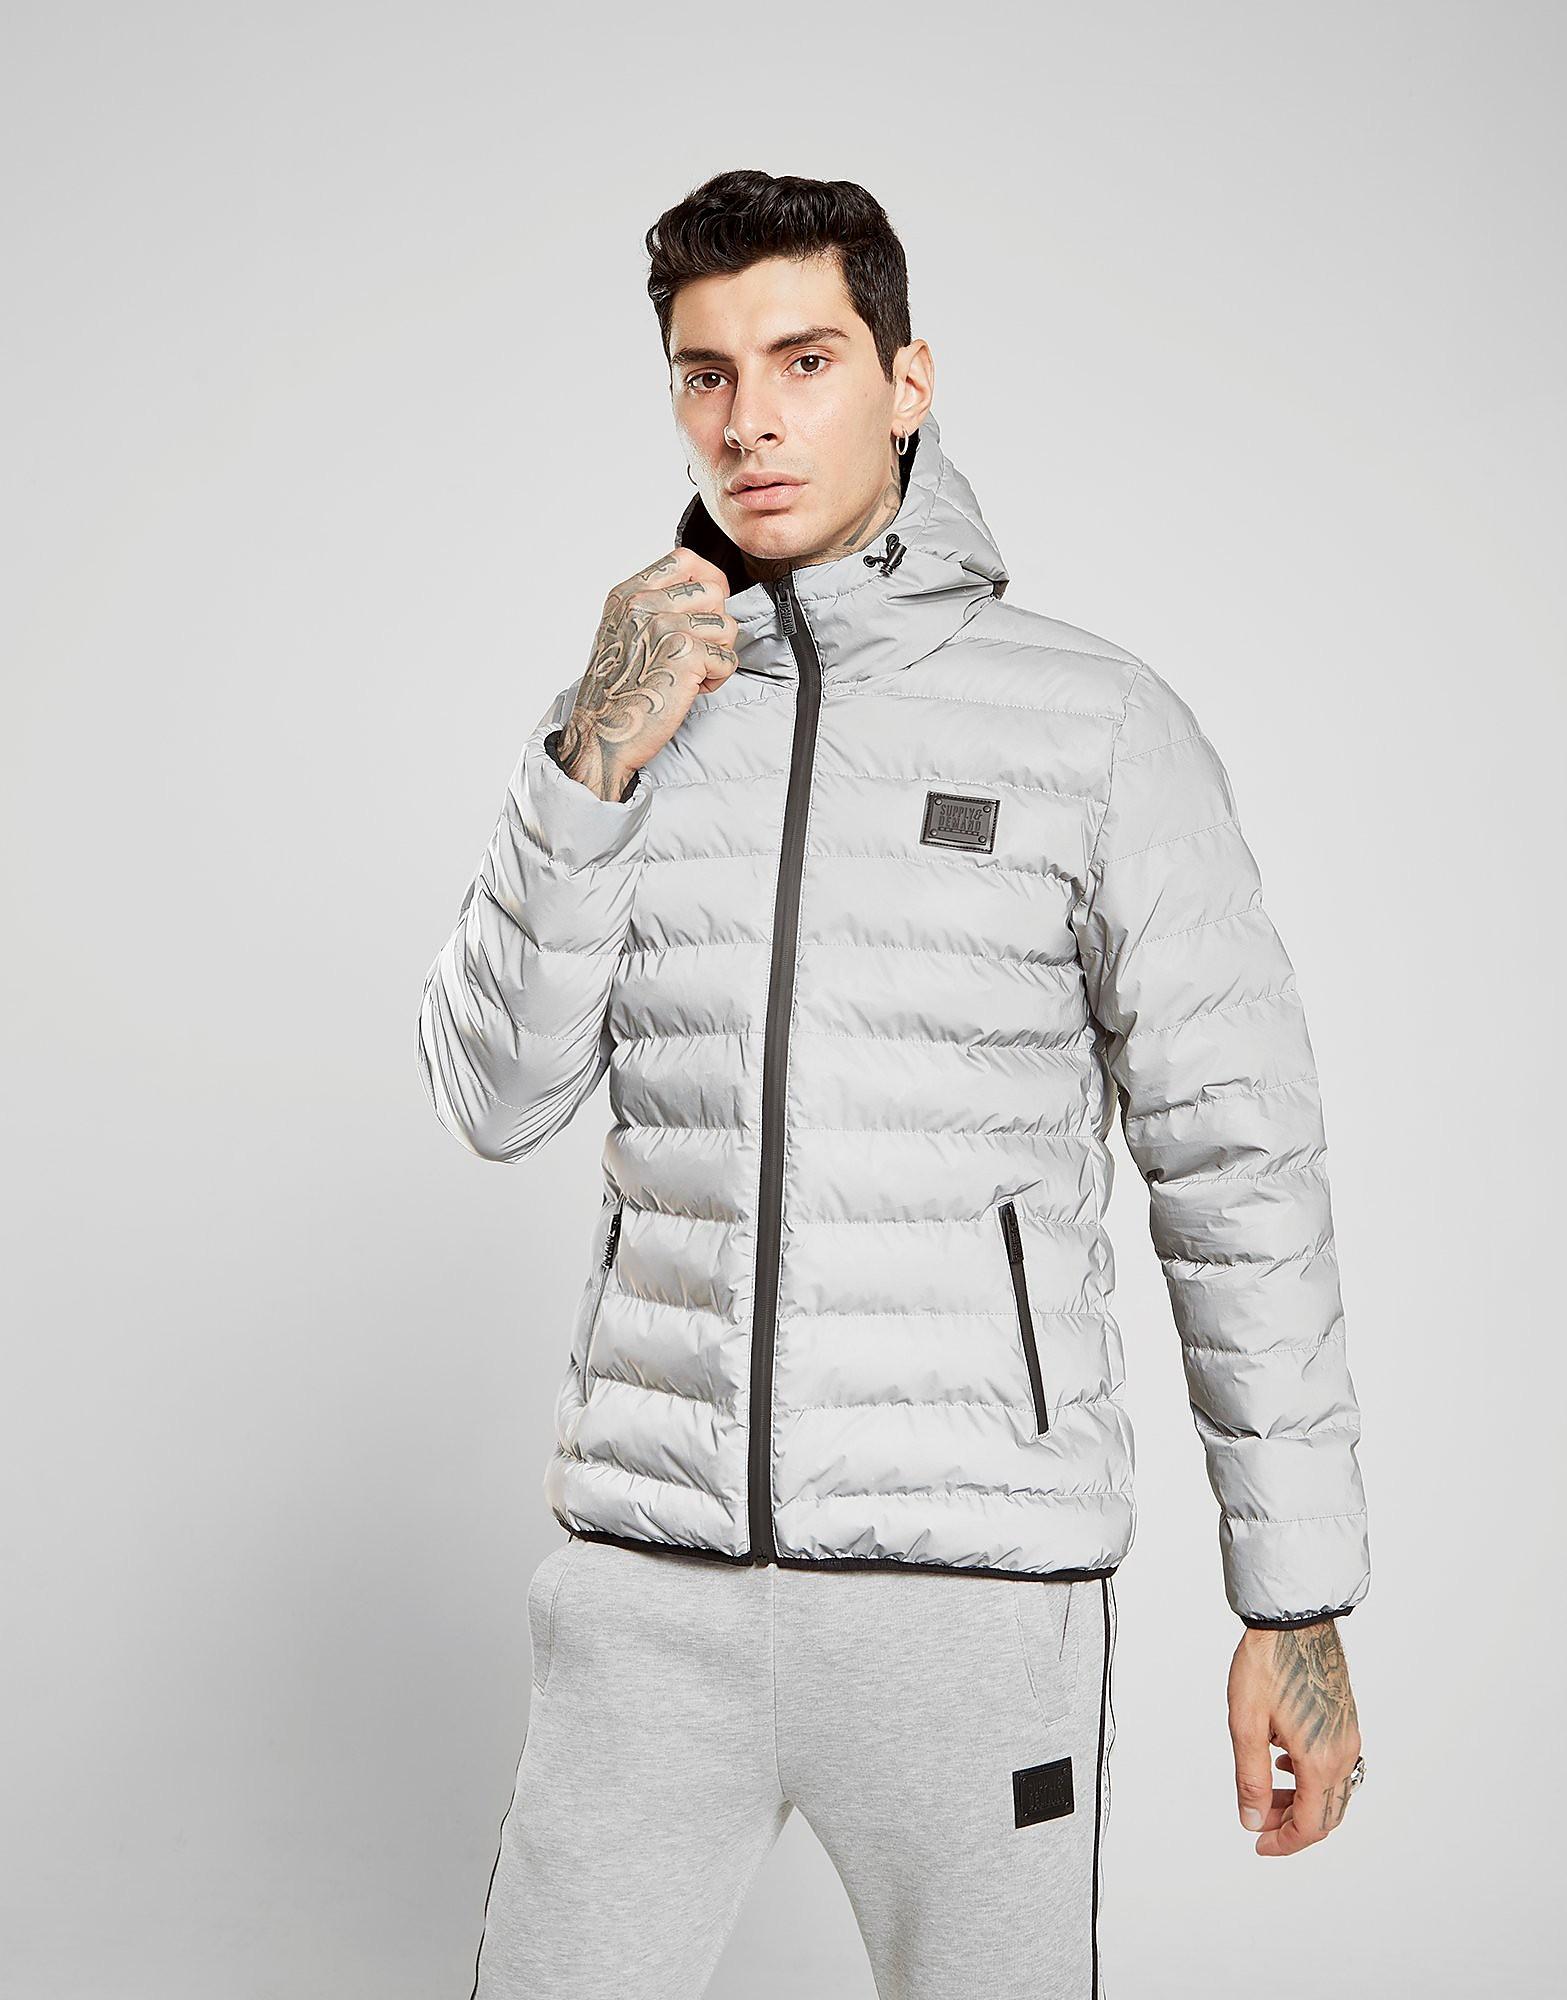 Supply & Demand Havoc Reflective Jacket Heren - Zilver - Heren